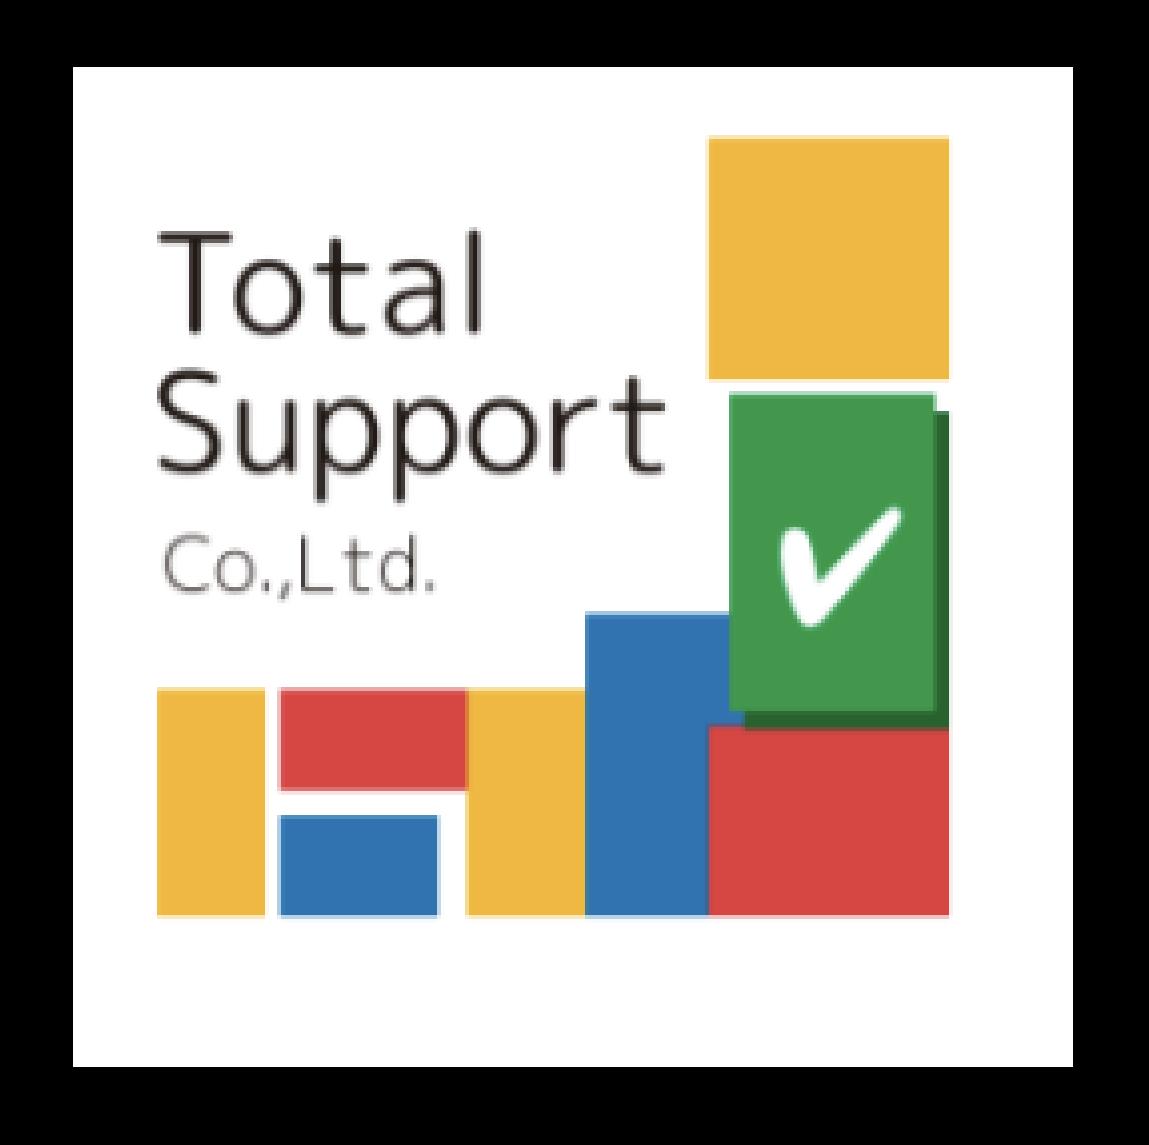 トータルサポート株式会社